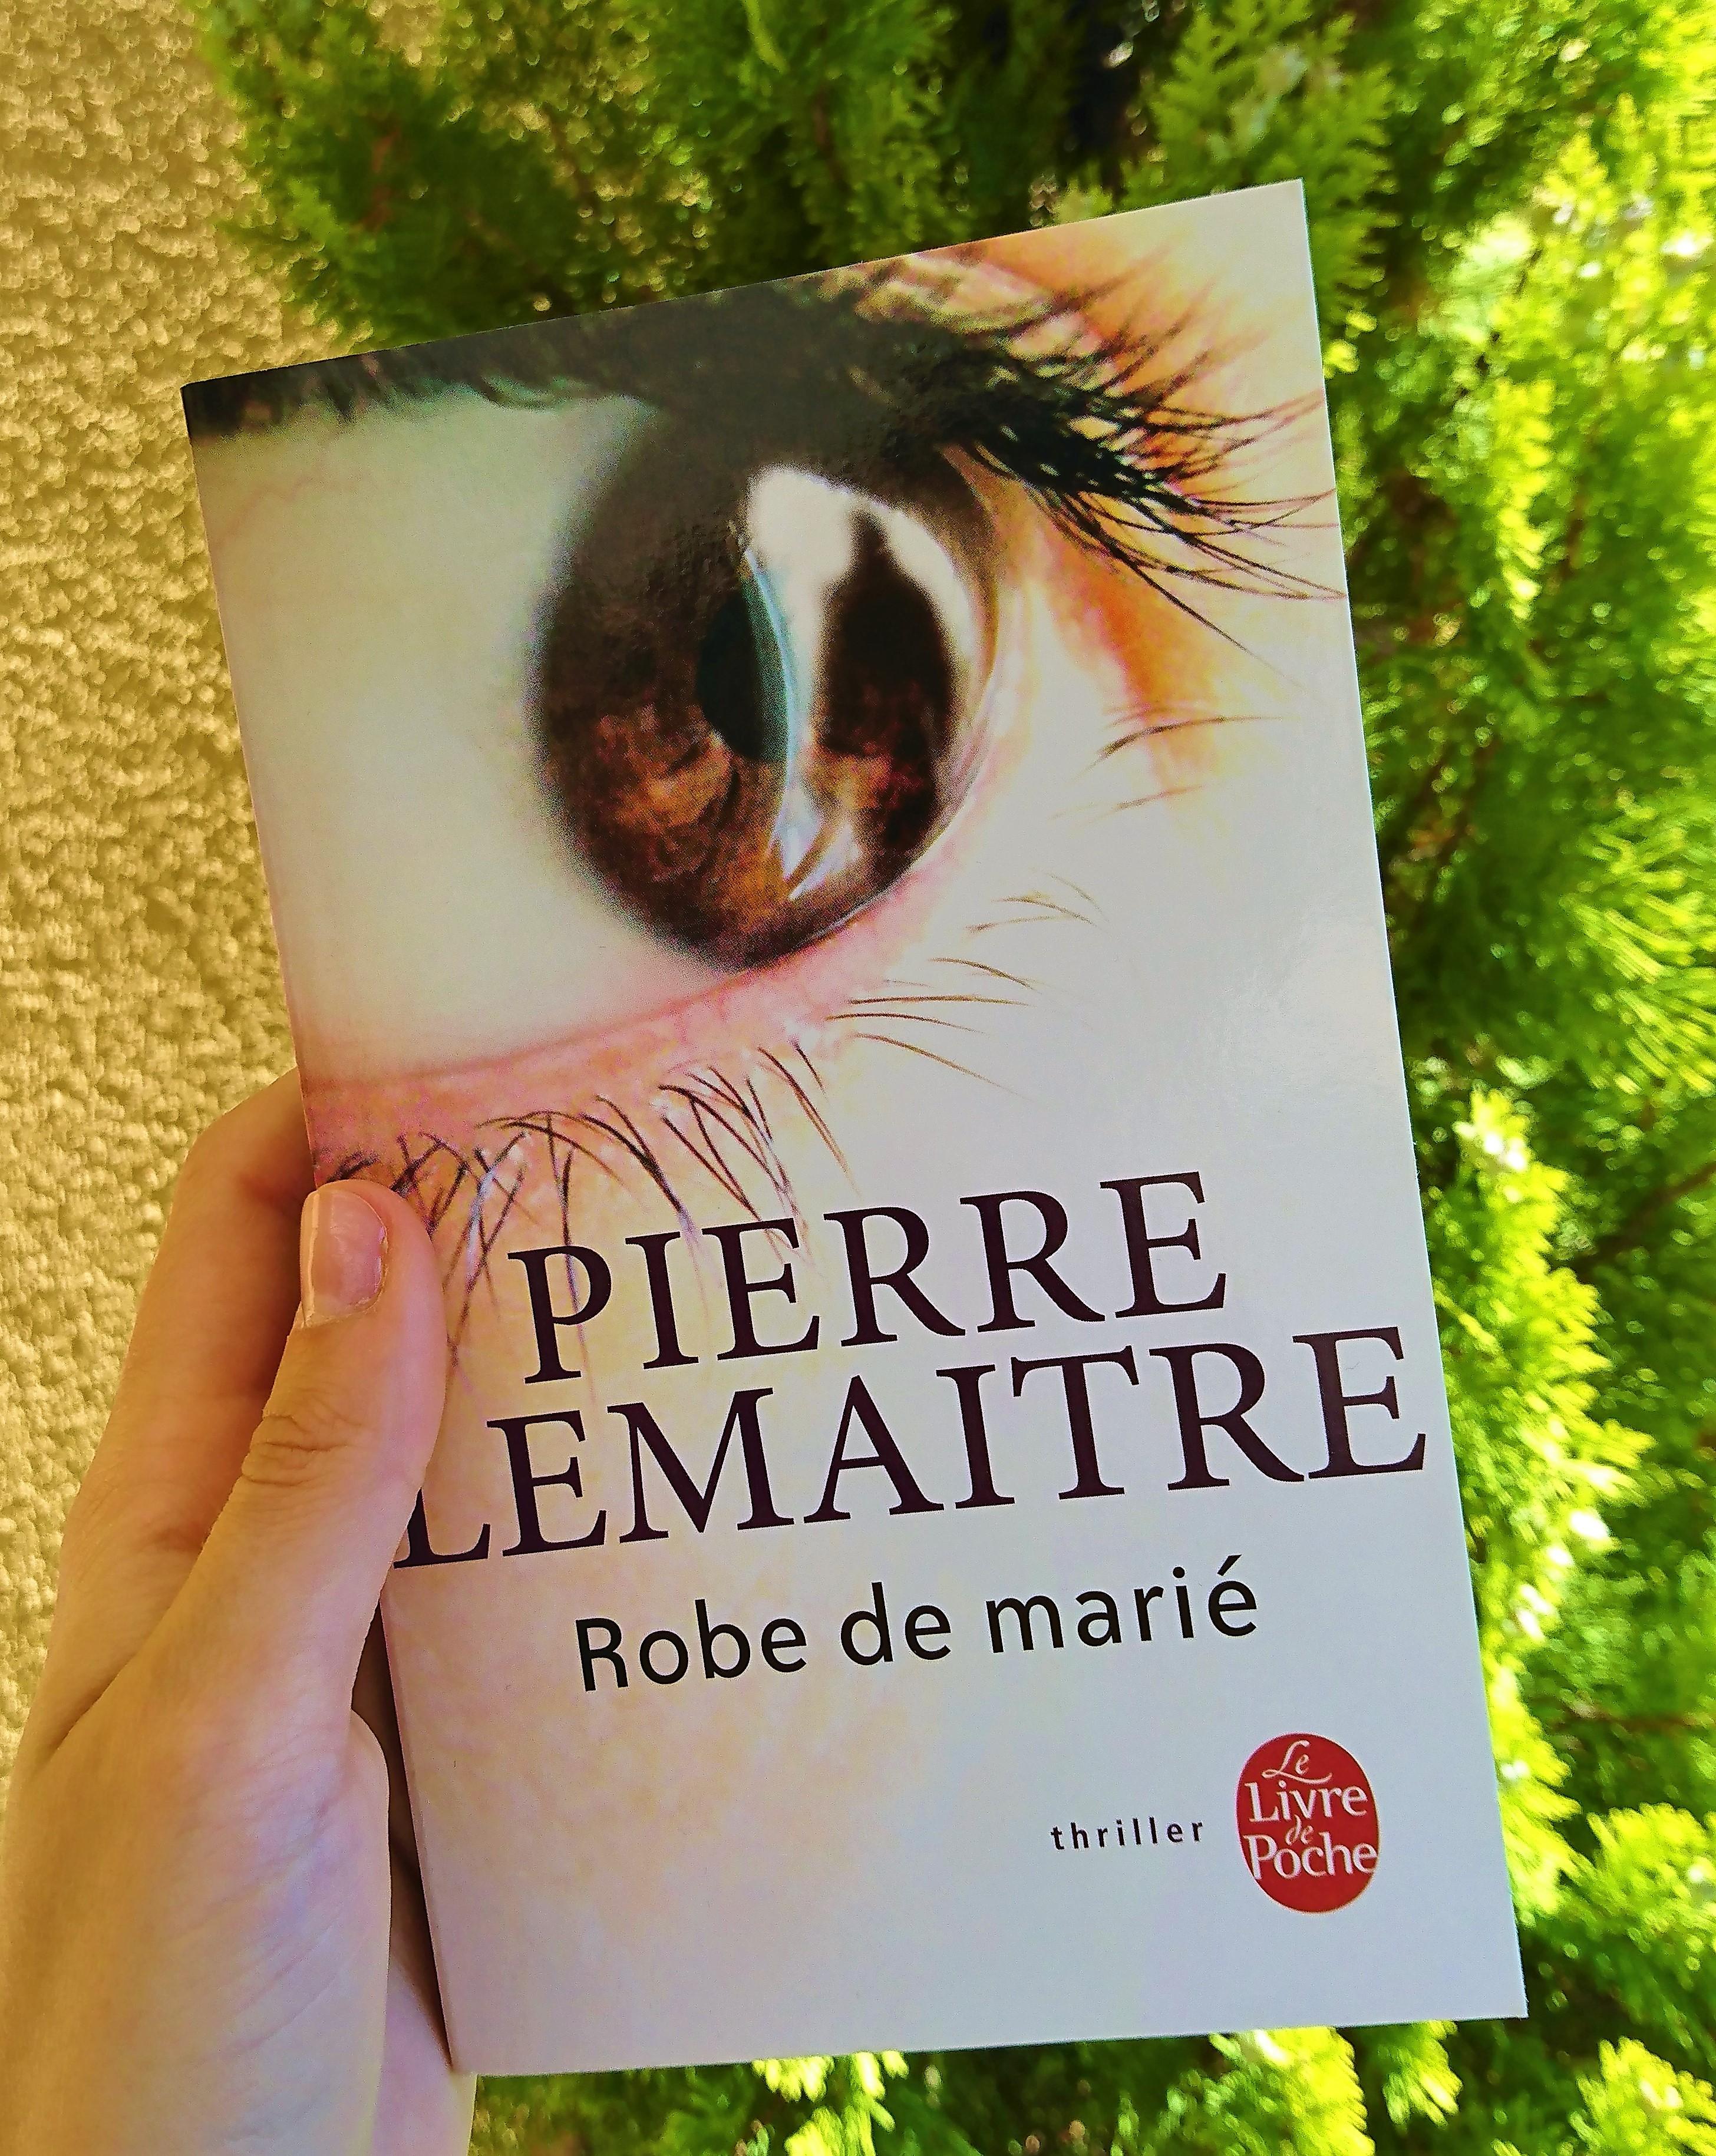 Robe de marié, Pierre Lemaitre – Le Grimoire